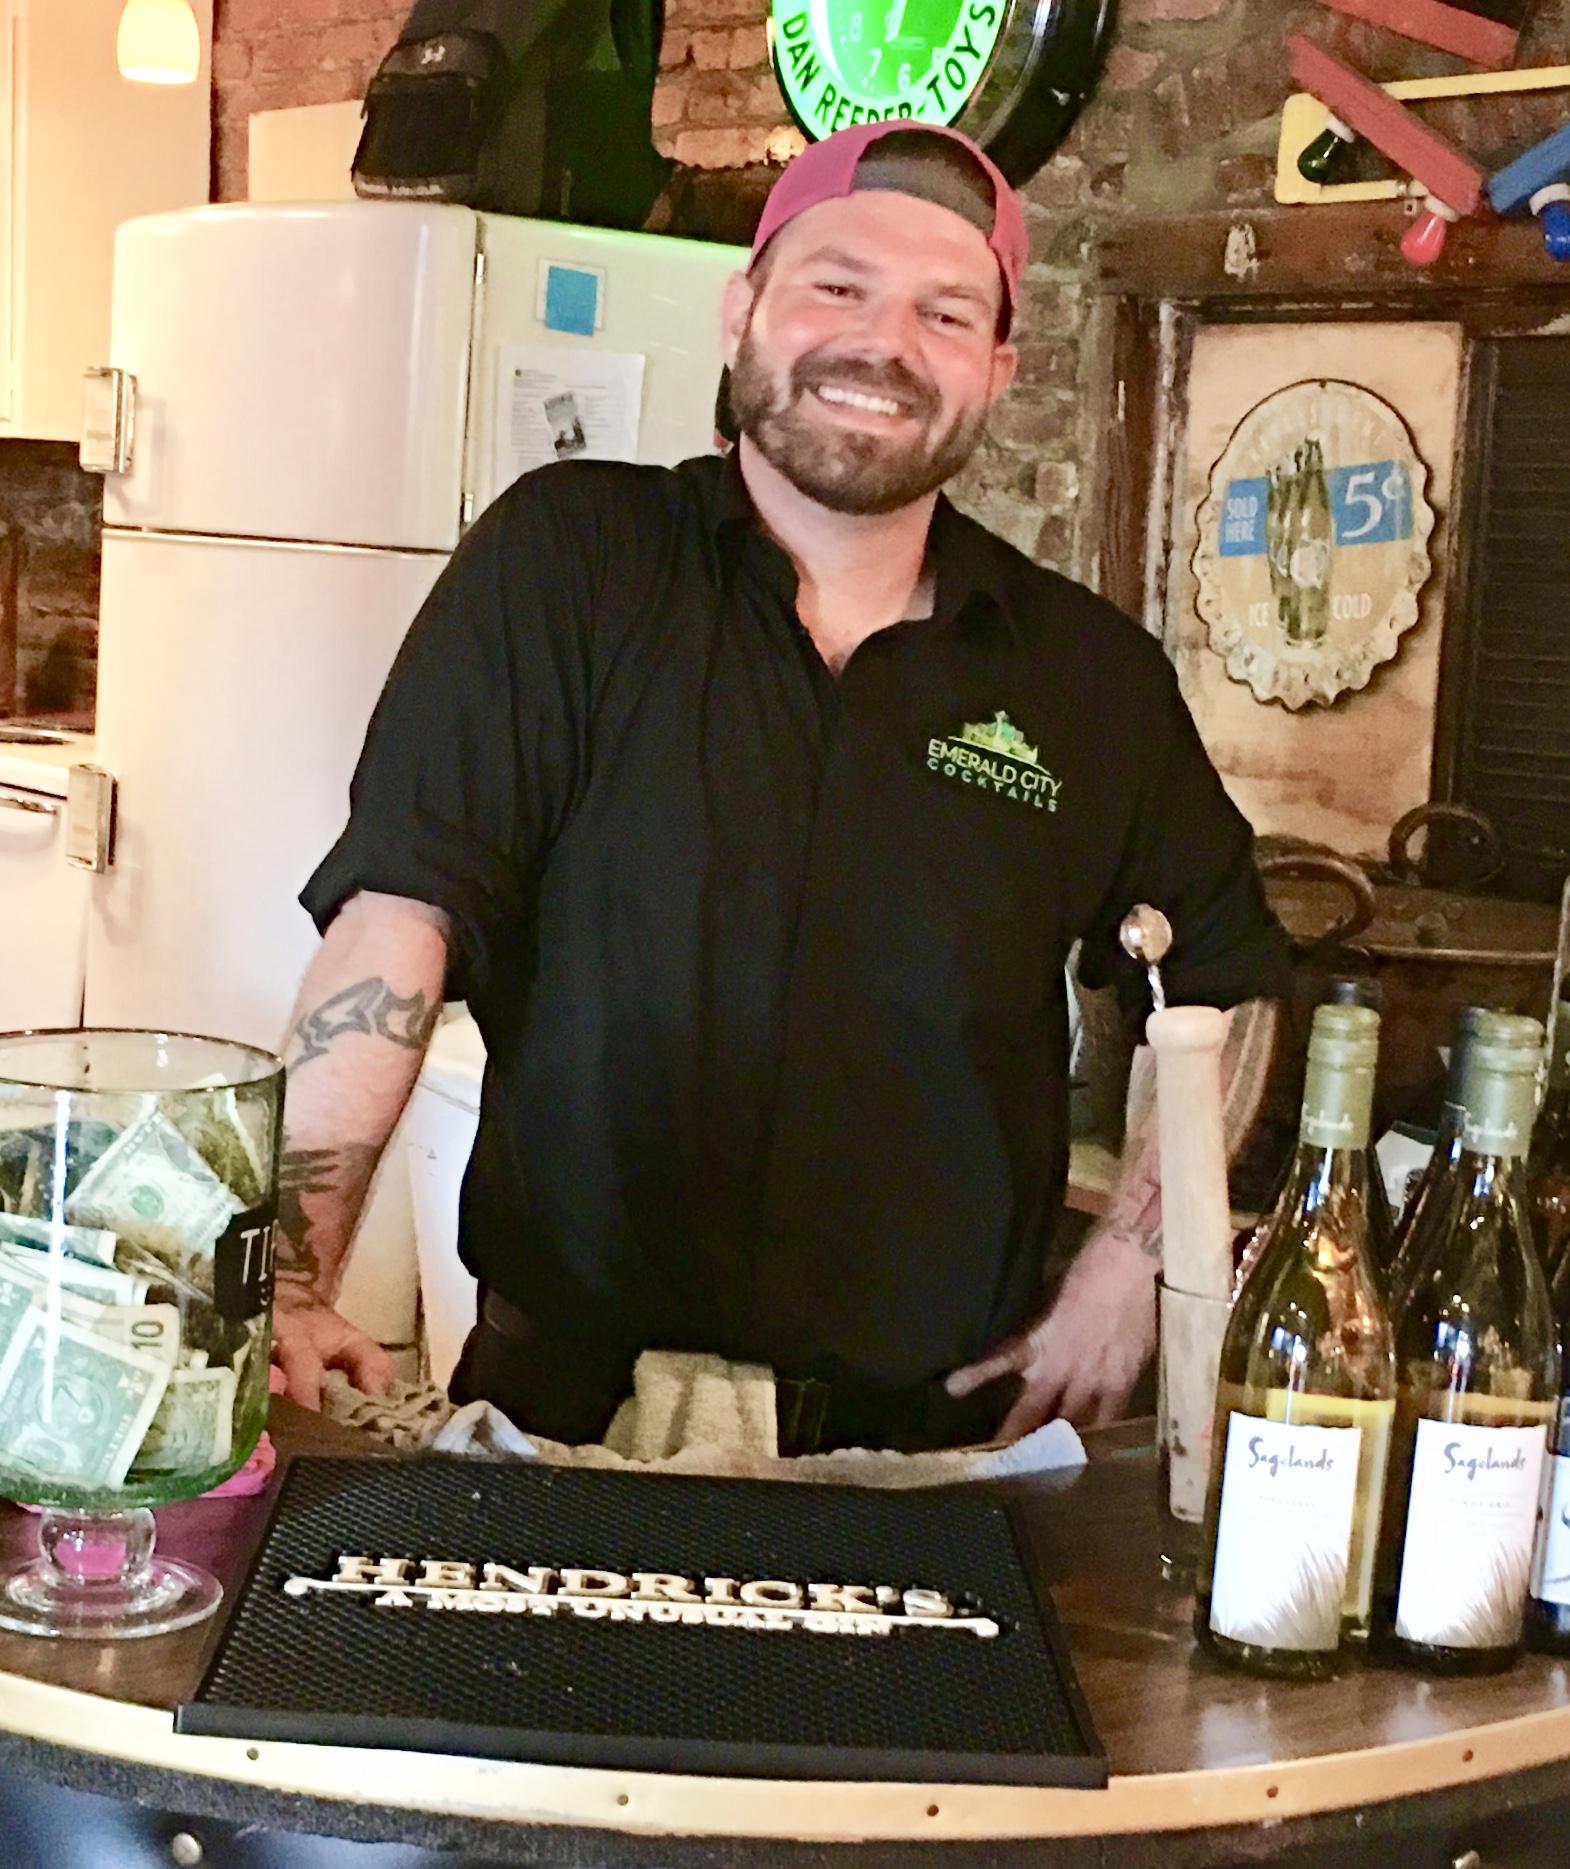 Owner Neil Ratliff of Emerald City Cocktails